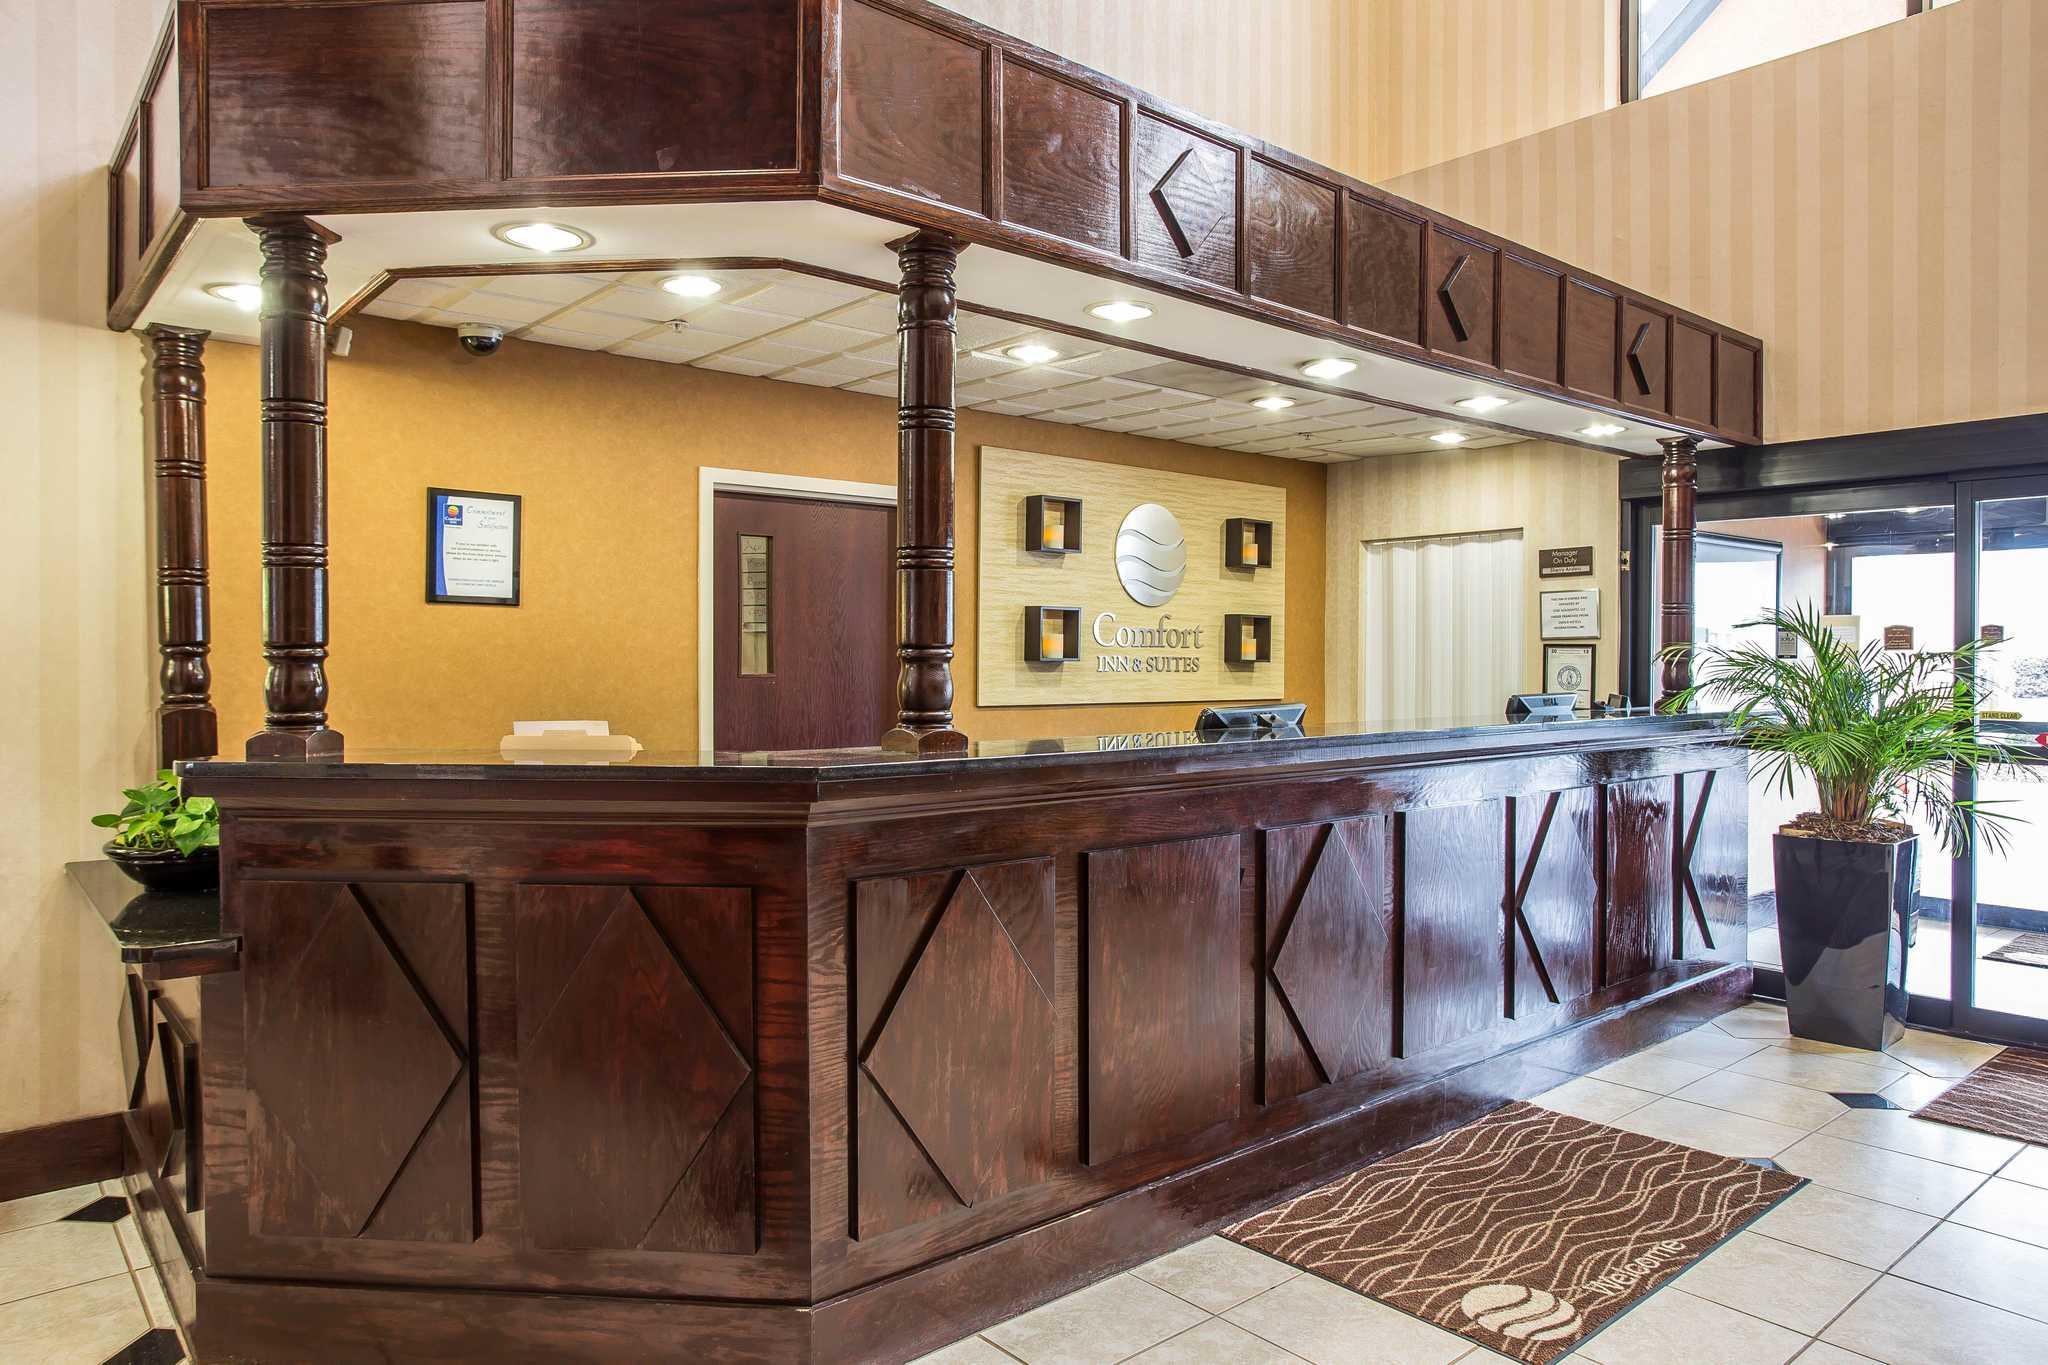 Comfort Inn & Suites Ft.Jackson Maingate image 16